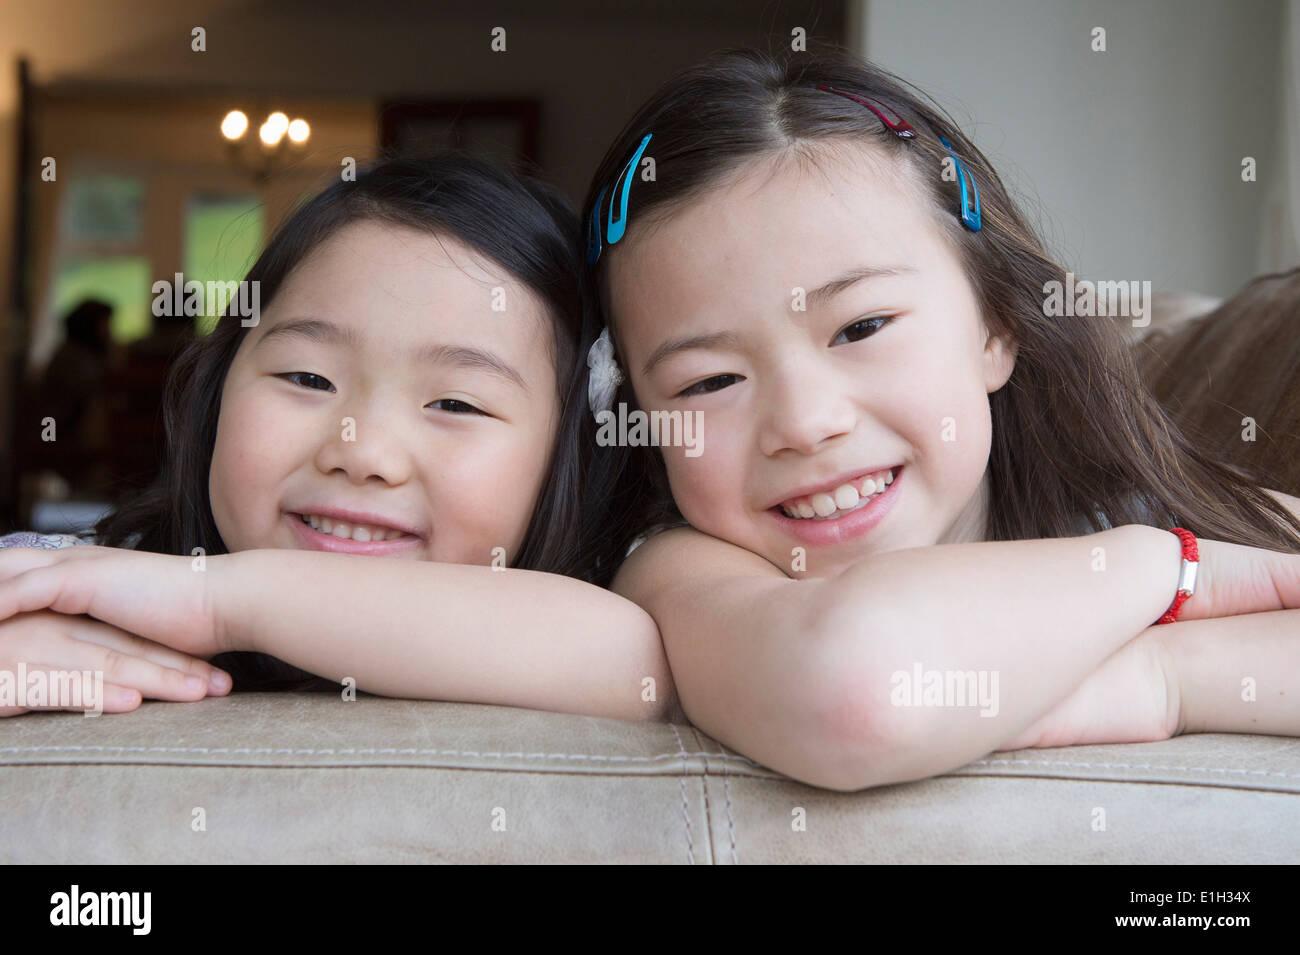 Portrait de deux jeunes filles s'appuyant sur canapé Banque D'Images